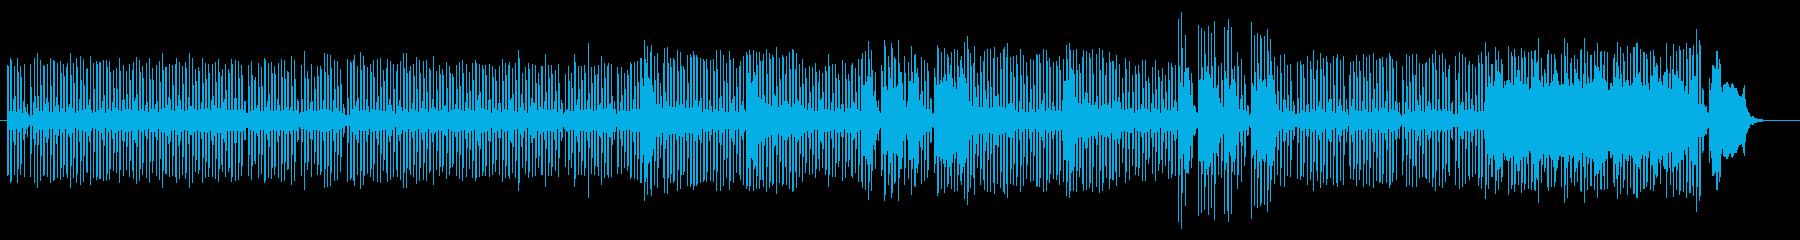 近未来的なミステリアスミュージックの再生済みの波形